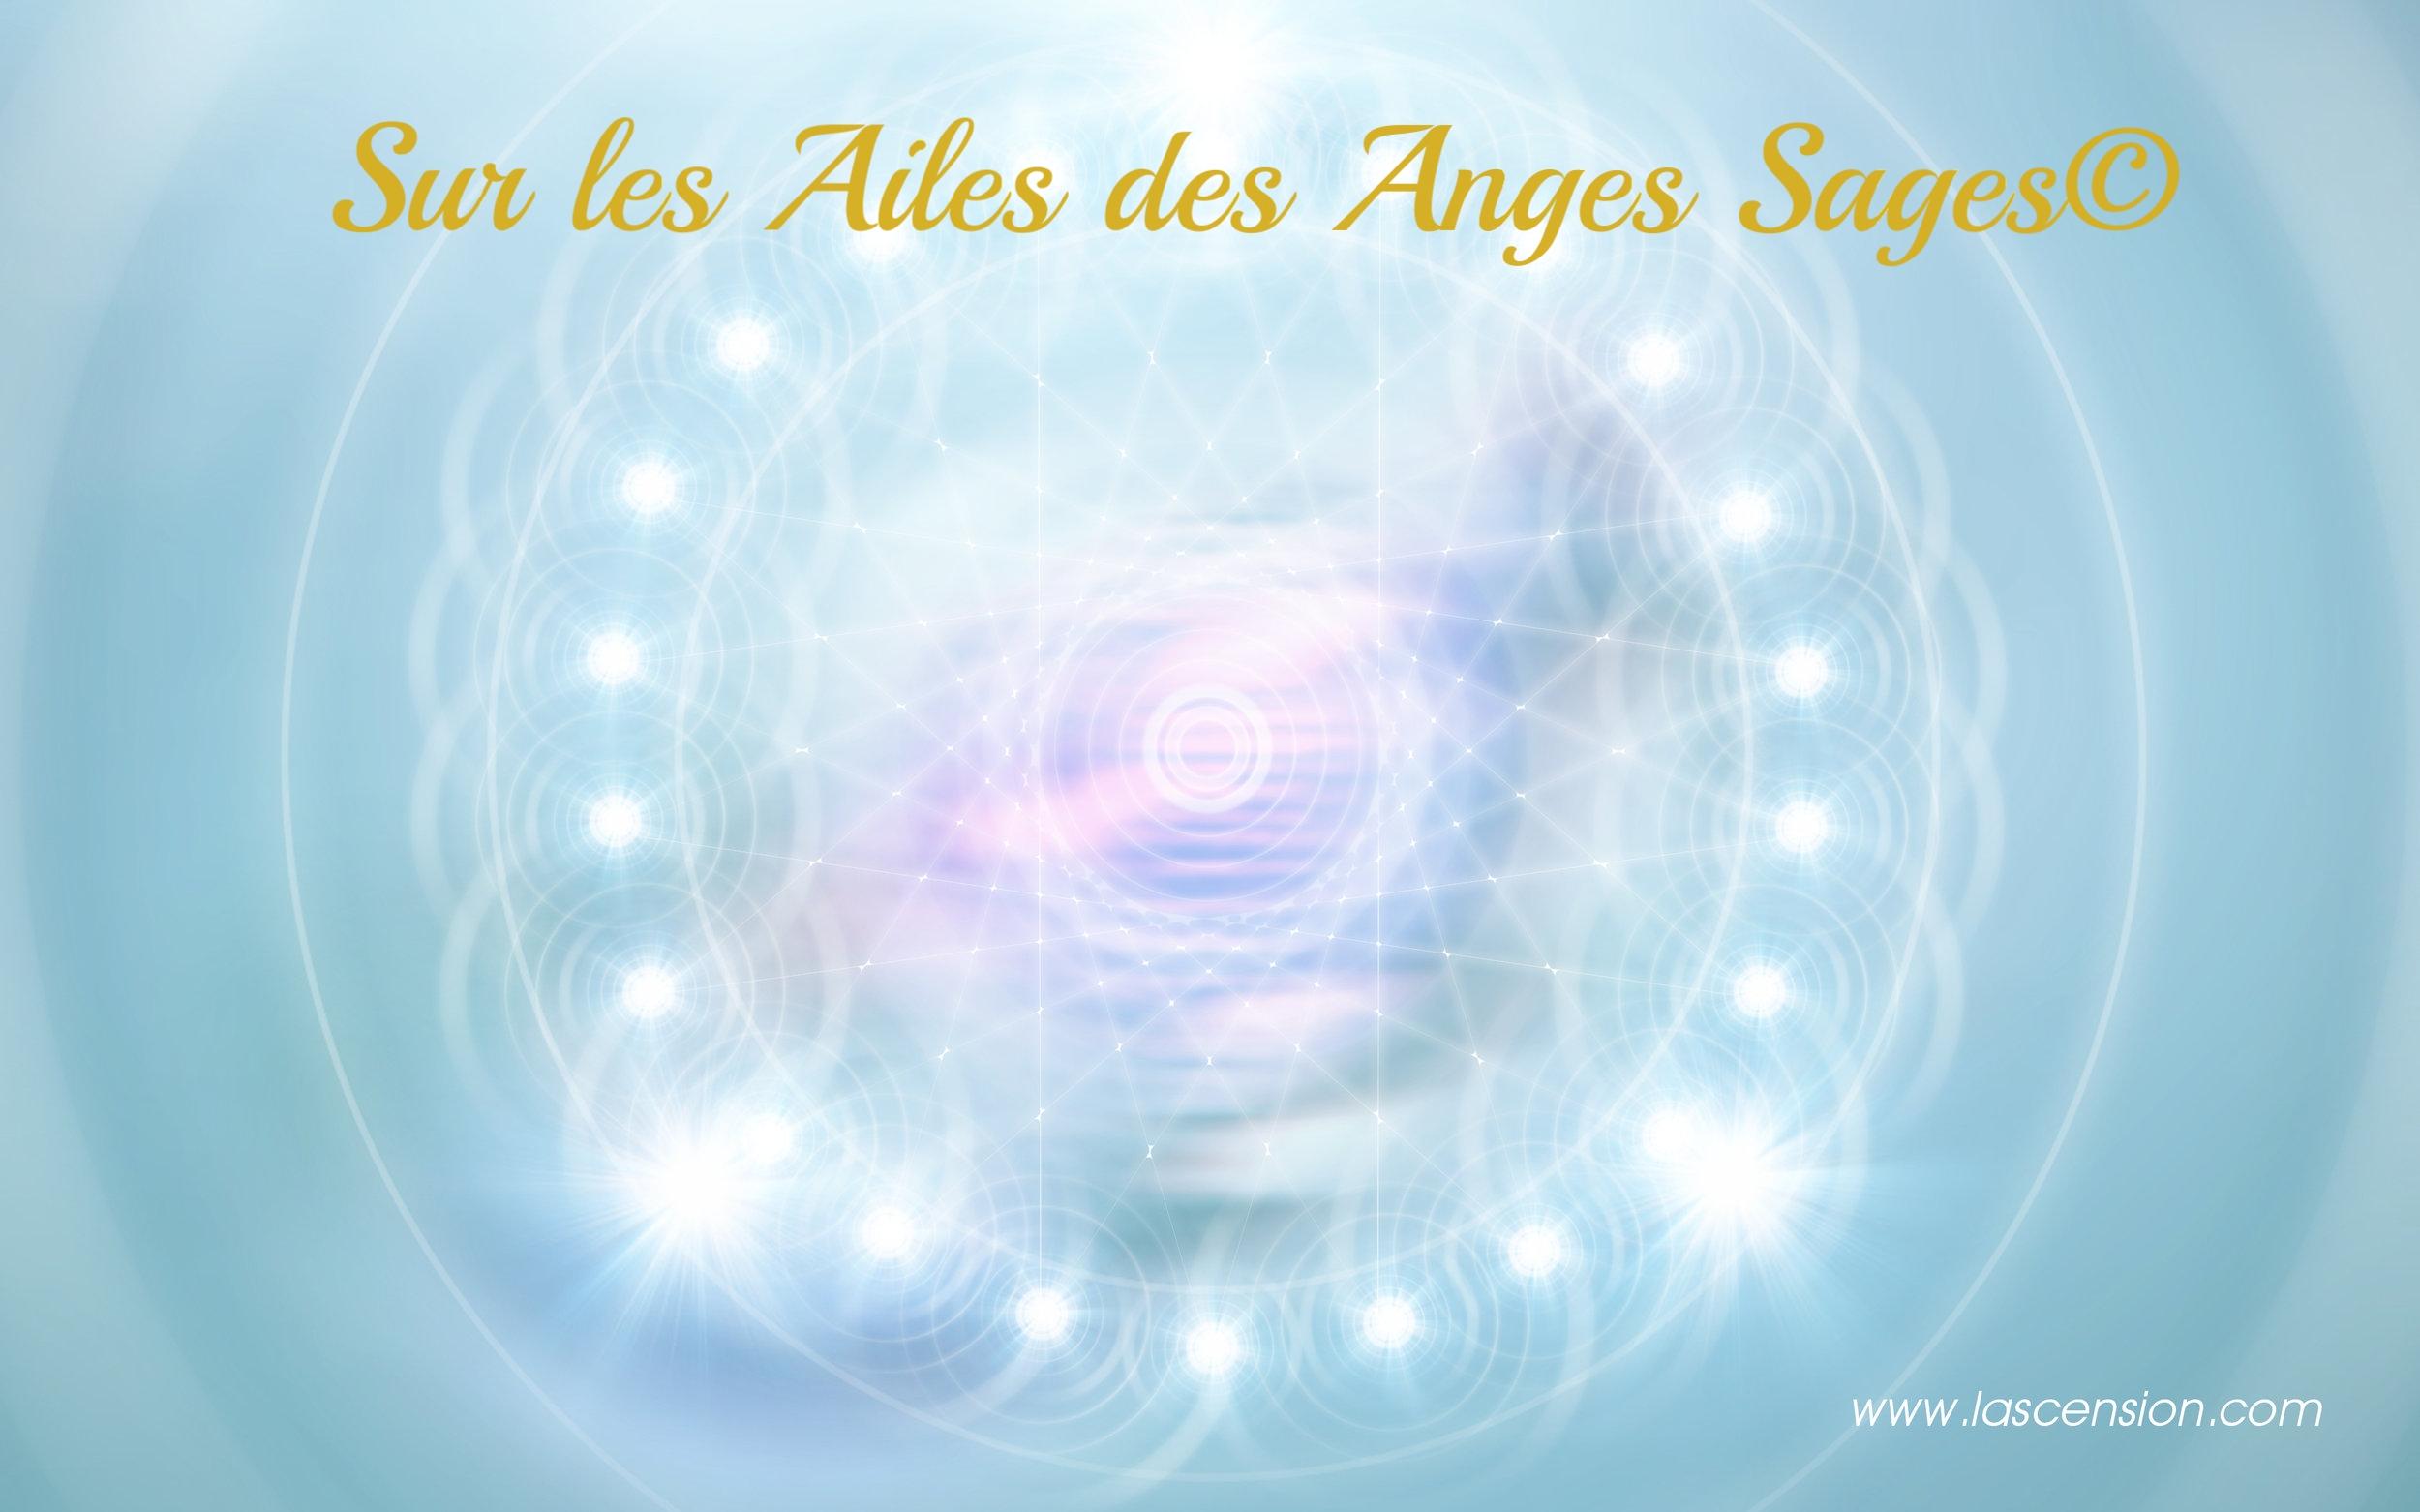 Stage anges cherubins virginie lascension Anges Hochmah.jpg